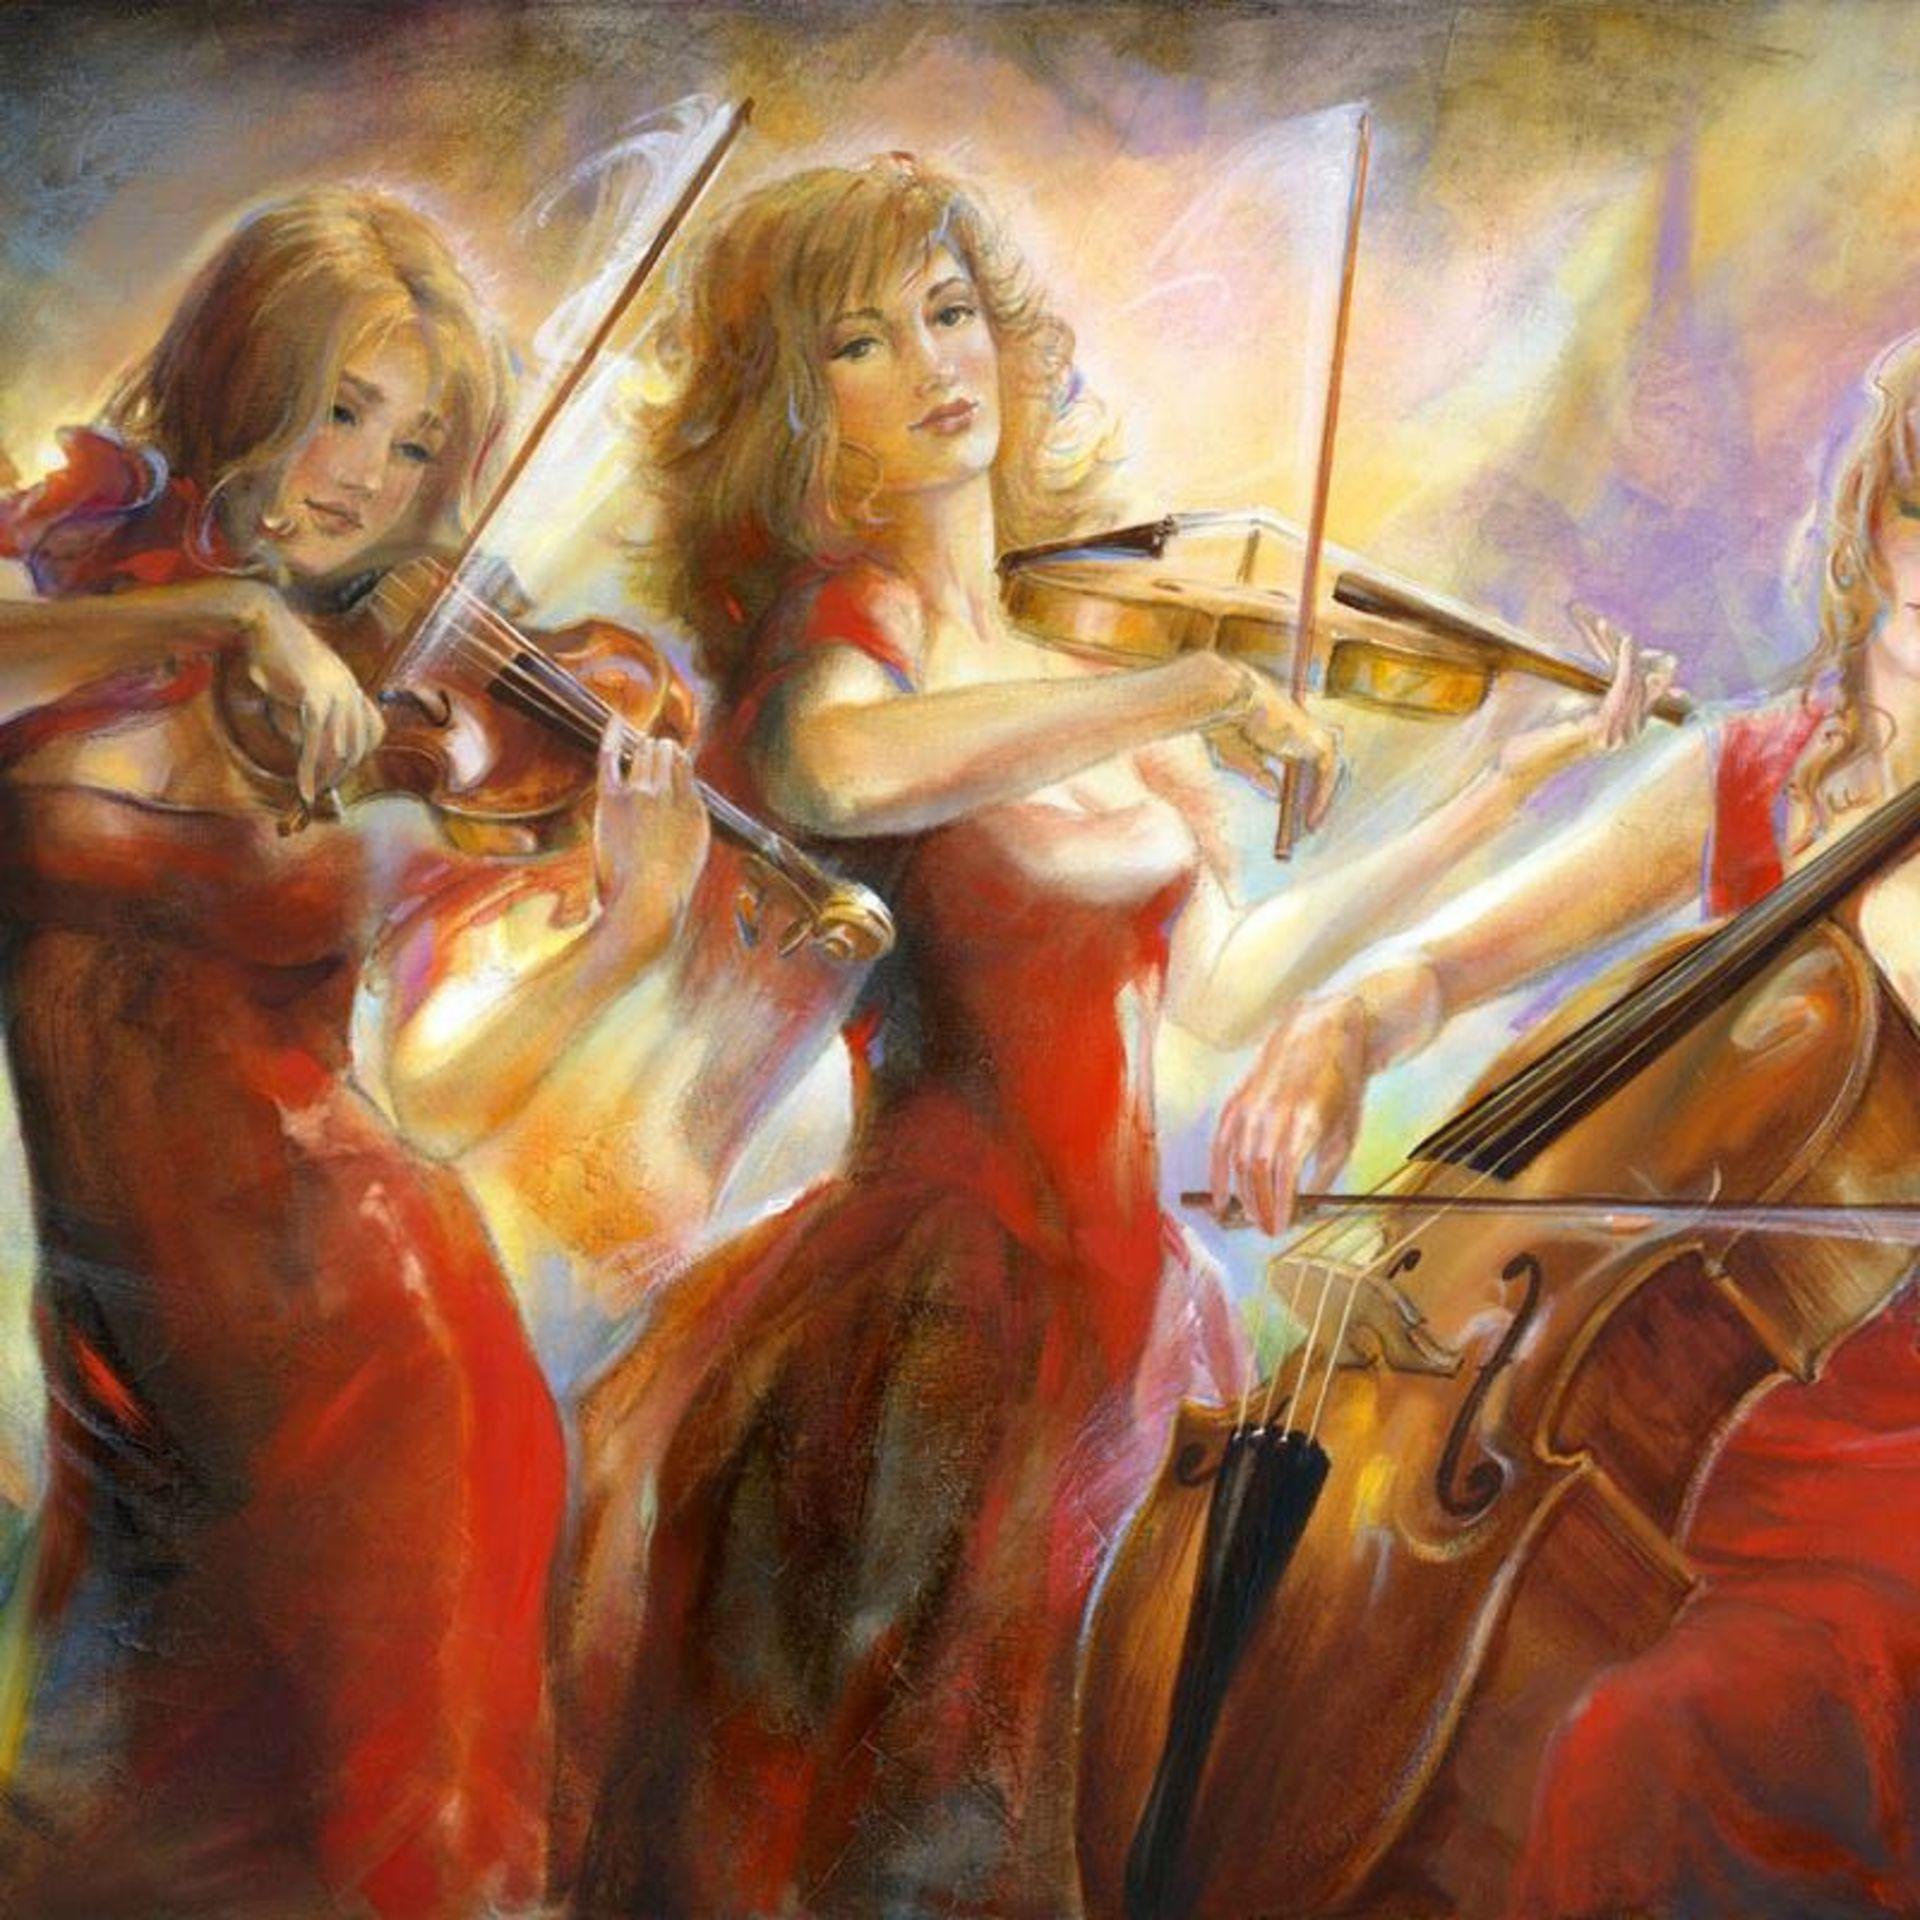 """Lena Sotskova, """"Concert"""" Hand Signed, Artist Embellished Limited Edition Giclee - Image 2 of 2"""